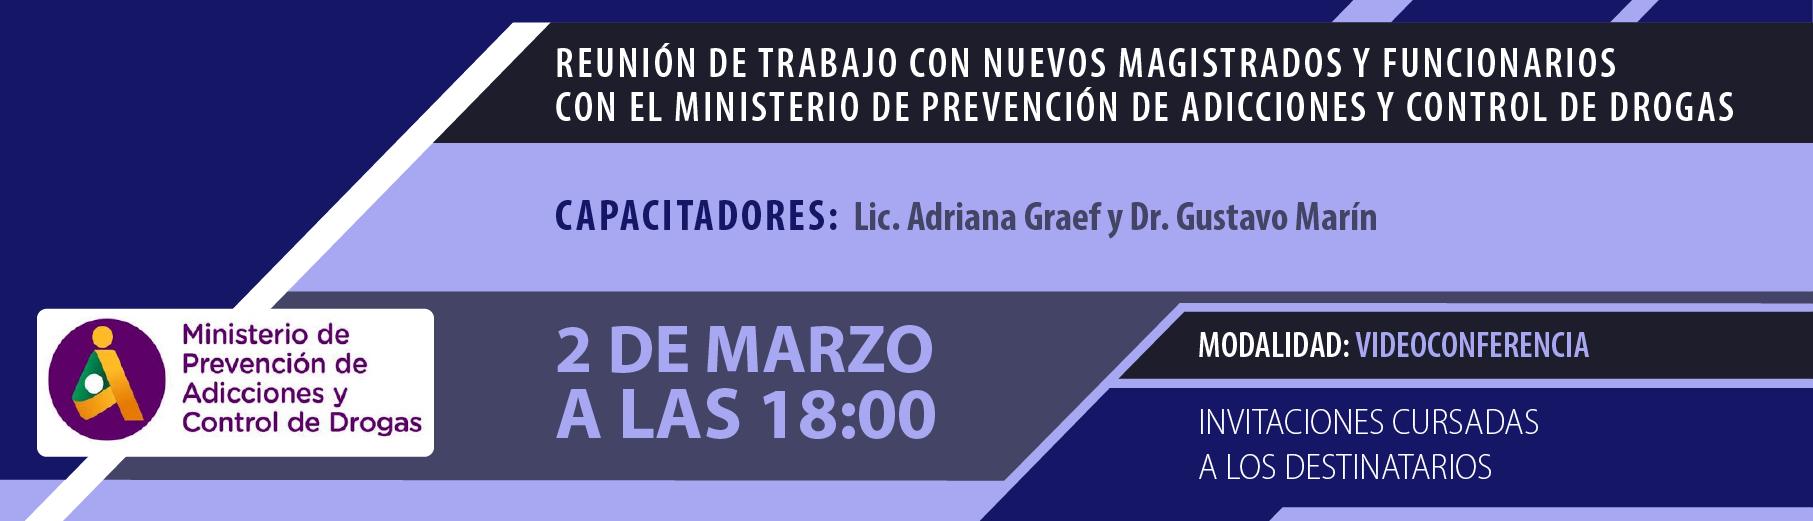 Reunión de Trabajo con Nuevos Magistrados y Funcionarios con el Ministerio de Prevención de Adicciones y Control de Drogas